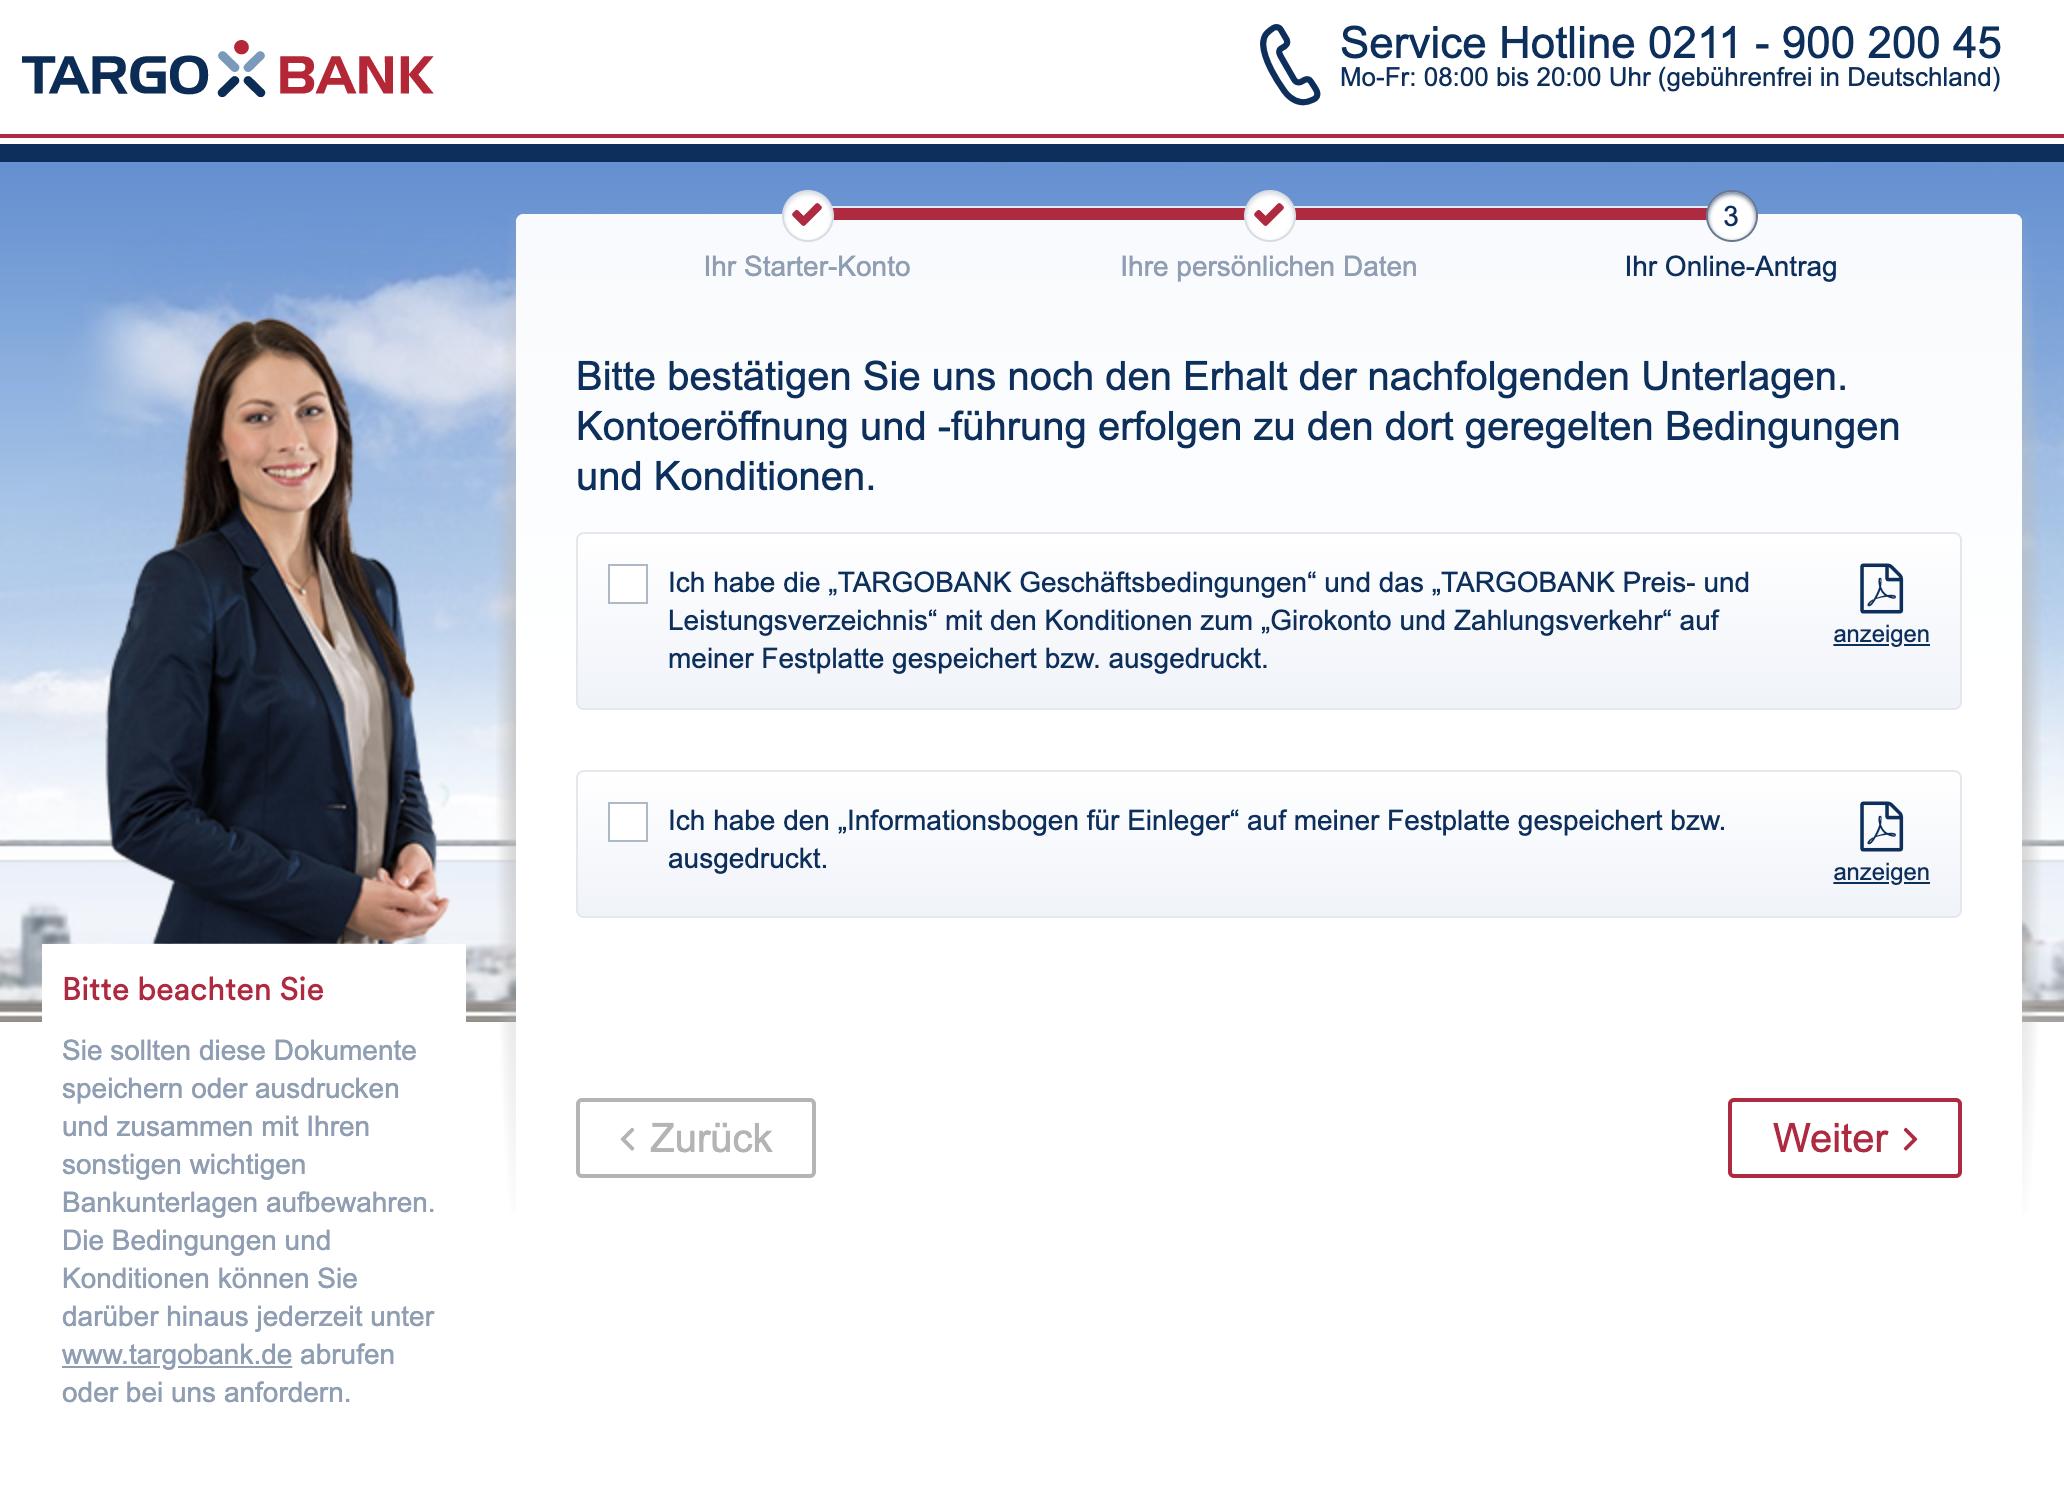 Targobank-Girokonto-eröffnen-Zustimmung-der-Geschäftsbedingungen-und-des-Preis-Leistungsverzeichnis